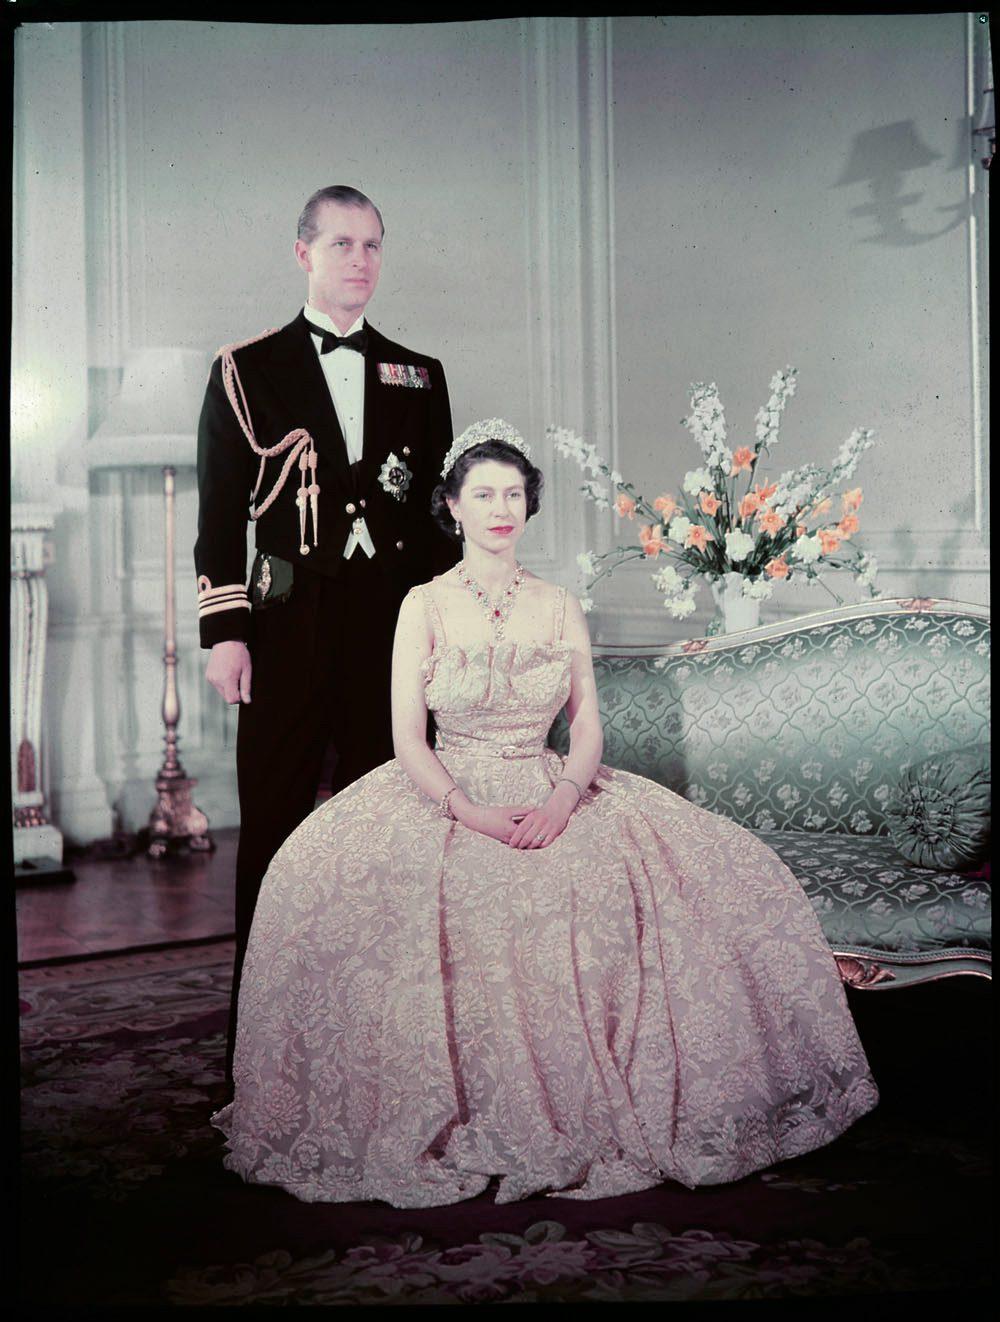 philip 02 - <b>Умер в 99 лет.</b> Кем был принц Филипп — первый член королевской семьи, посетивший Киев - Заборона